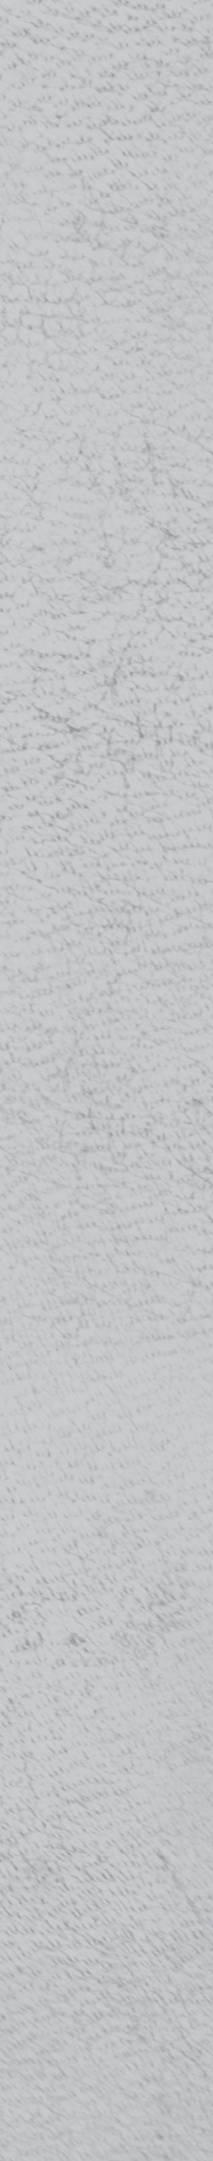 Блокнот. Волшебные единороги (серый).